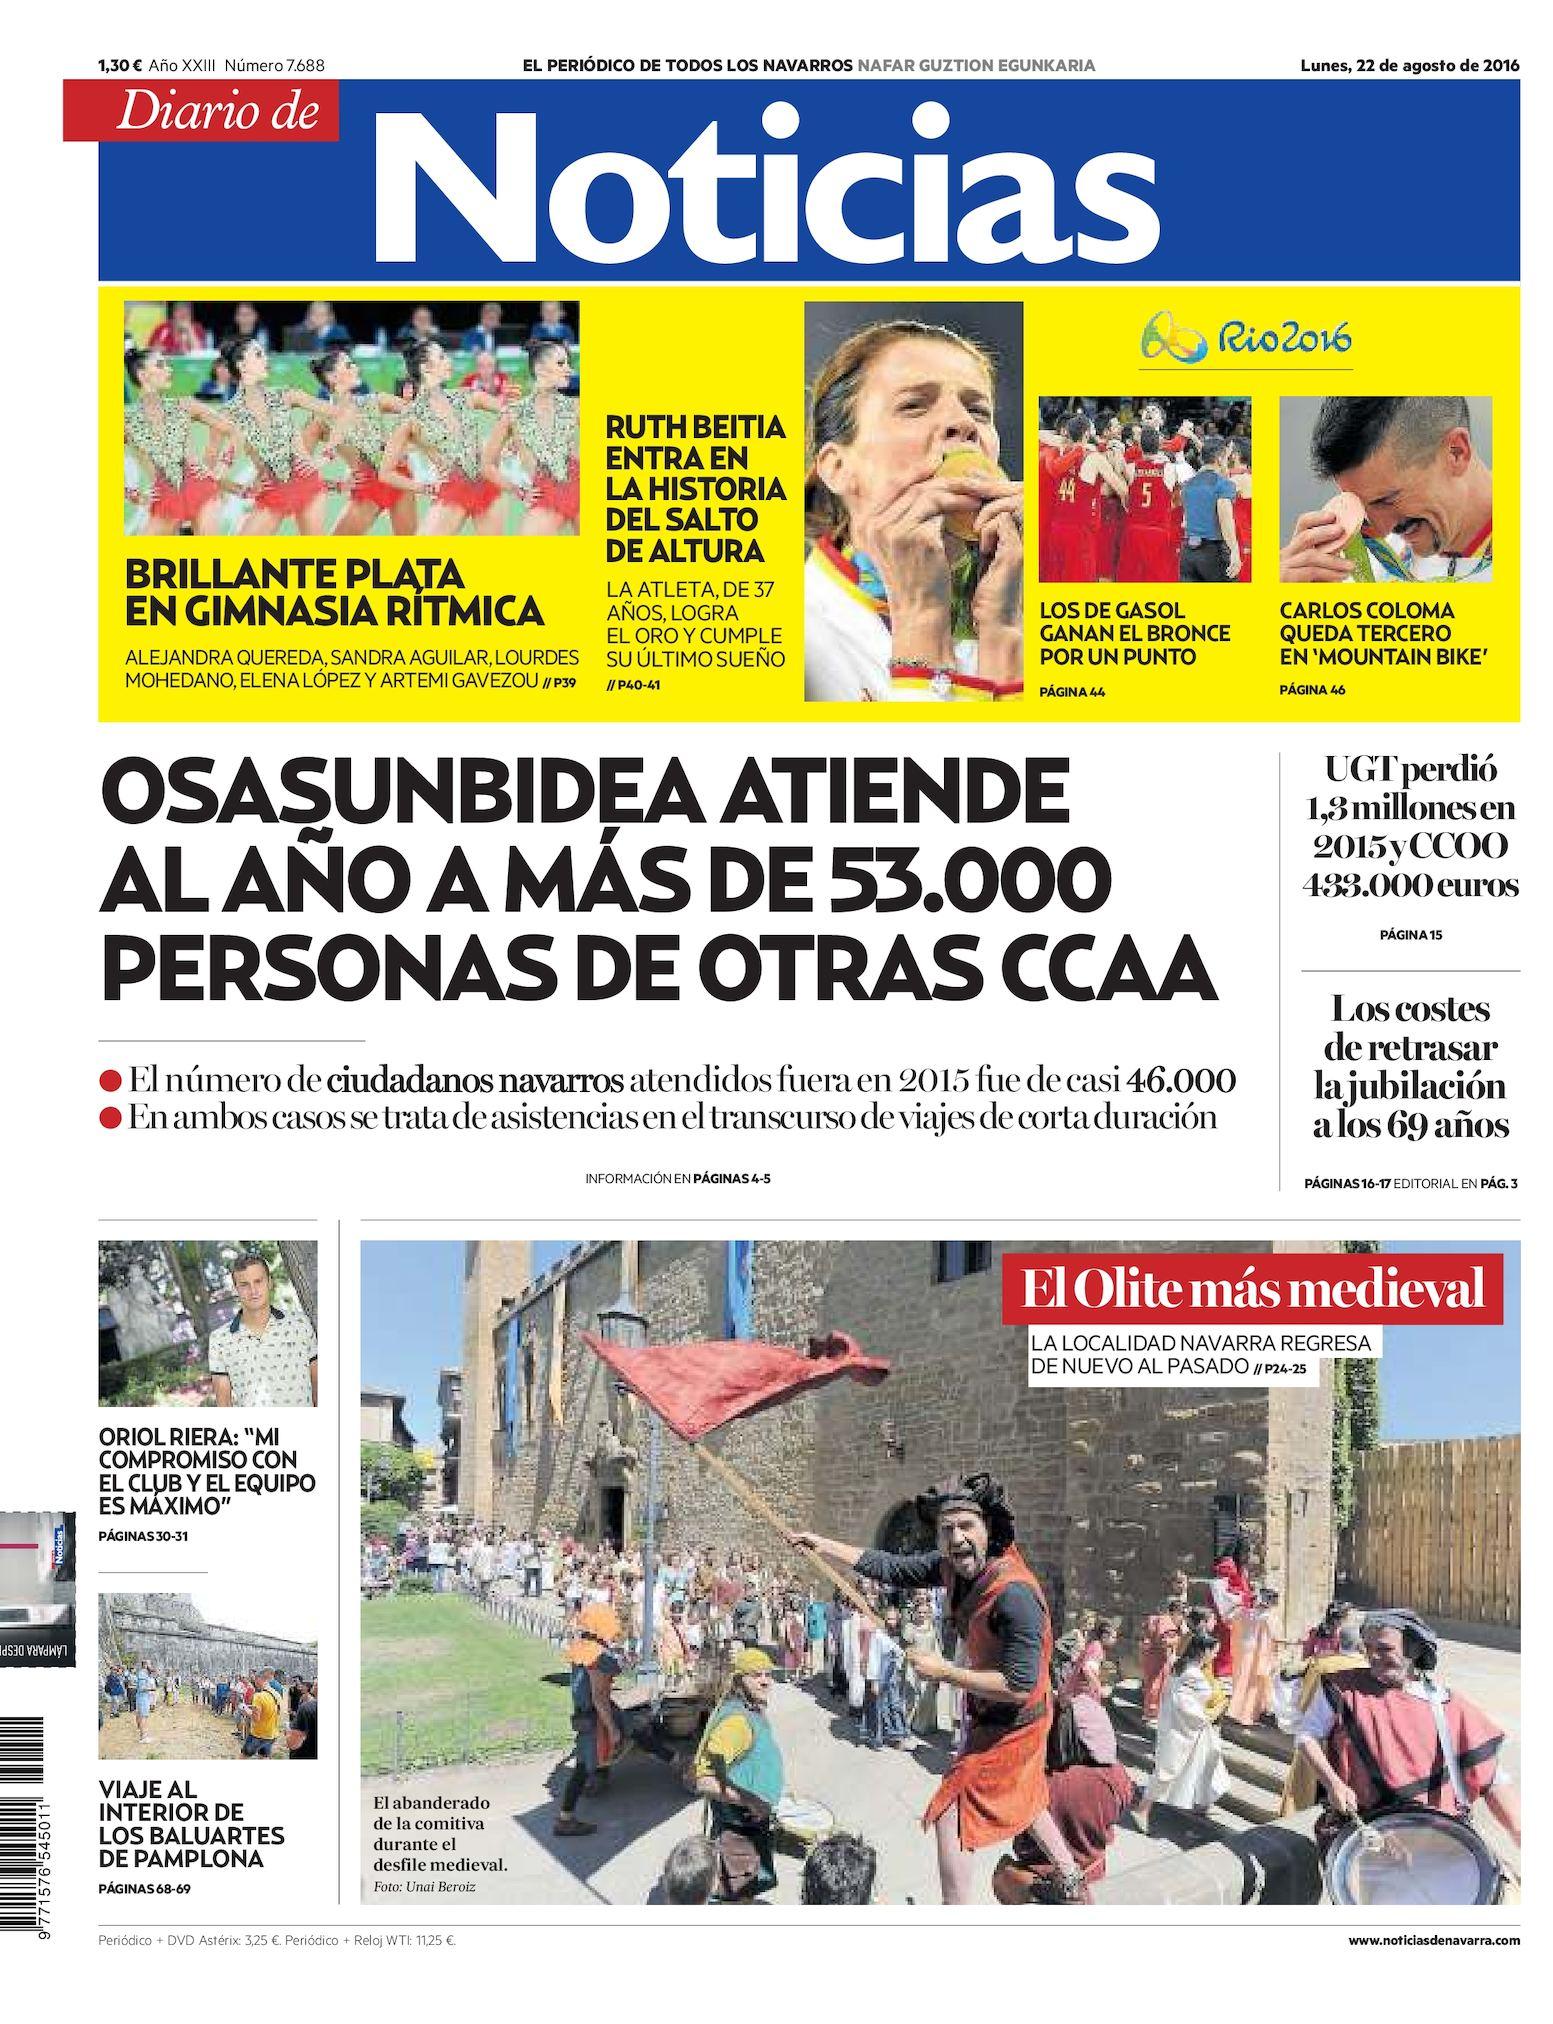 Calaméo - Diario de Noticias 20160822